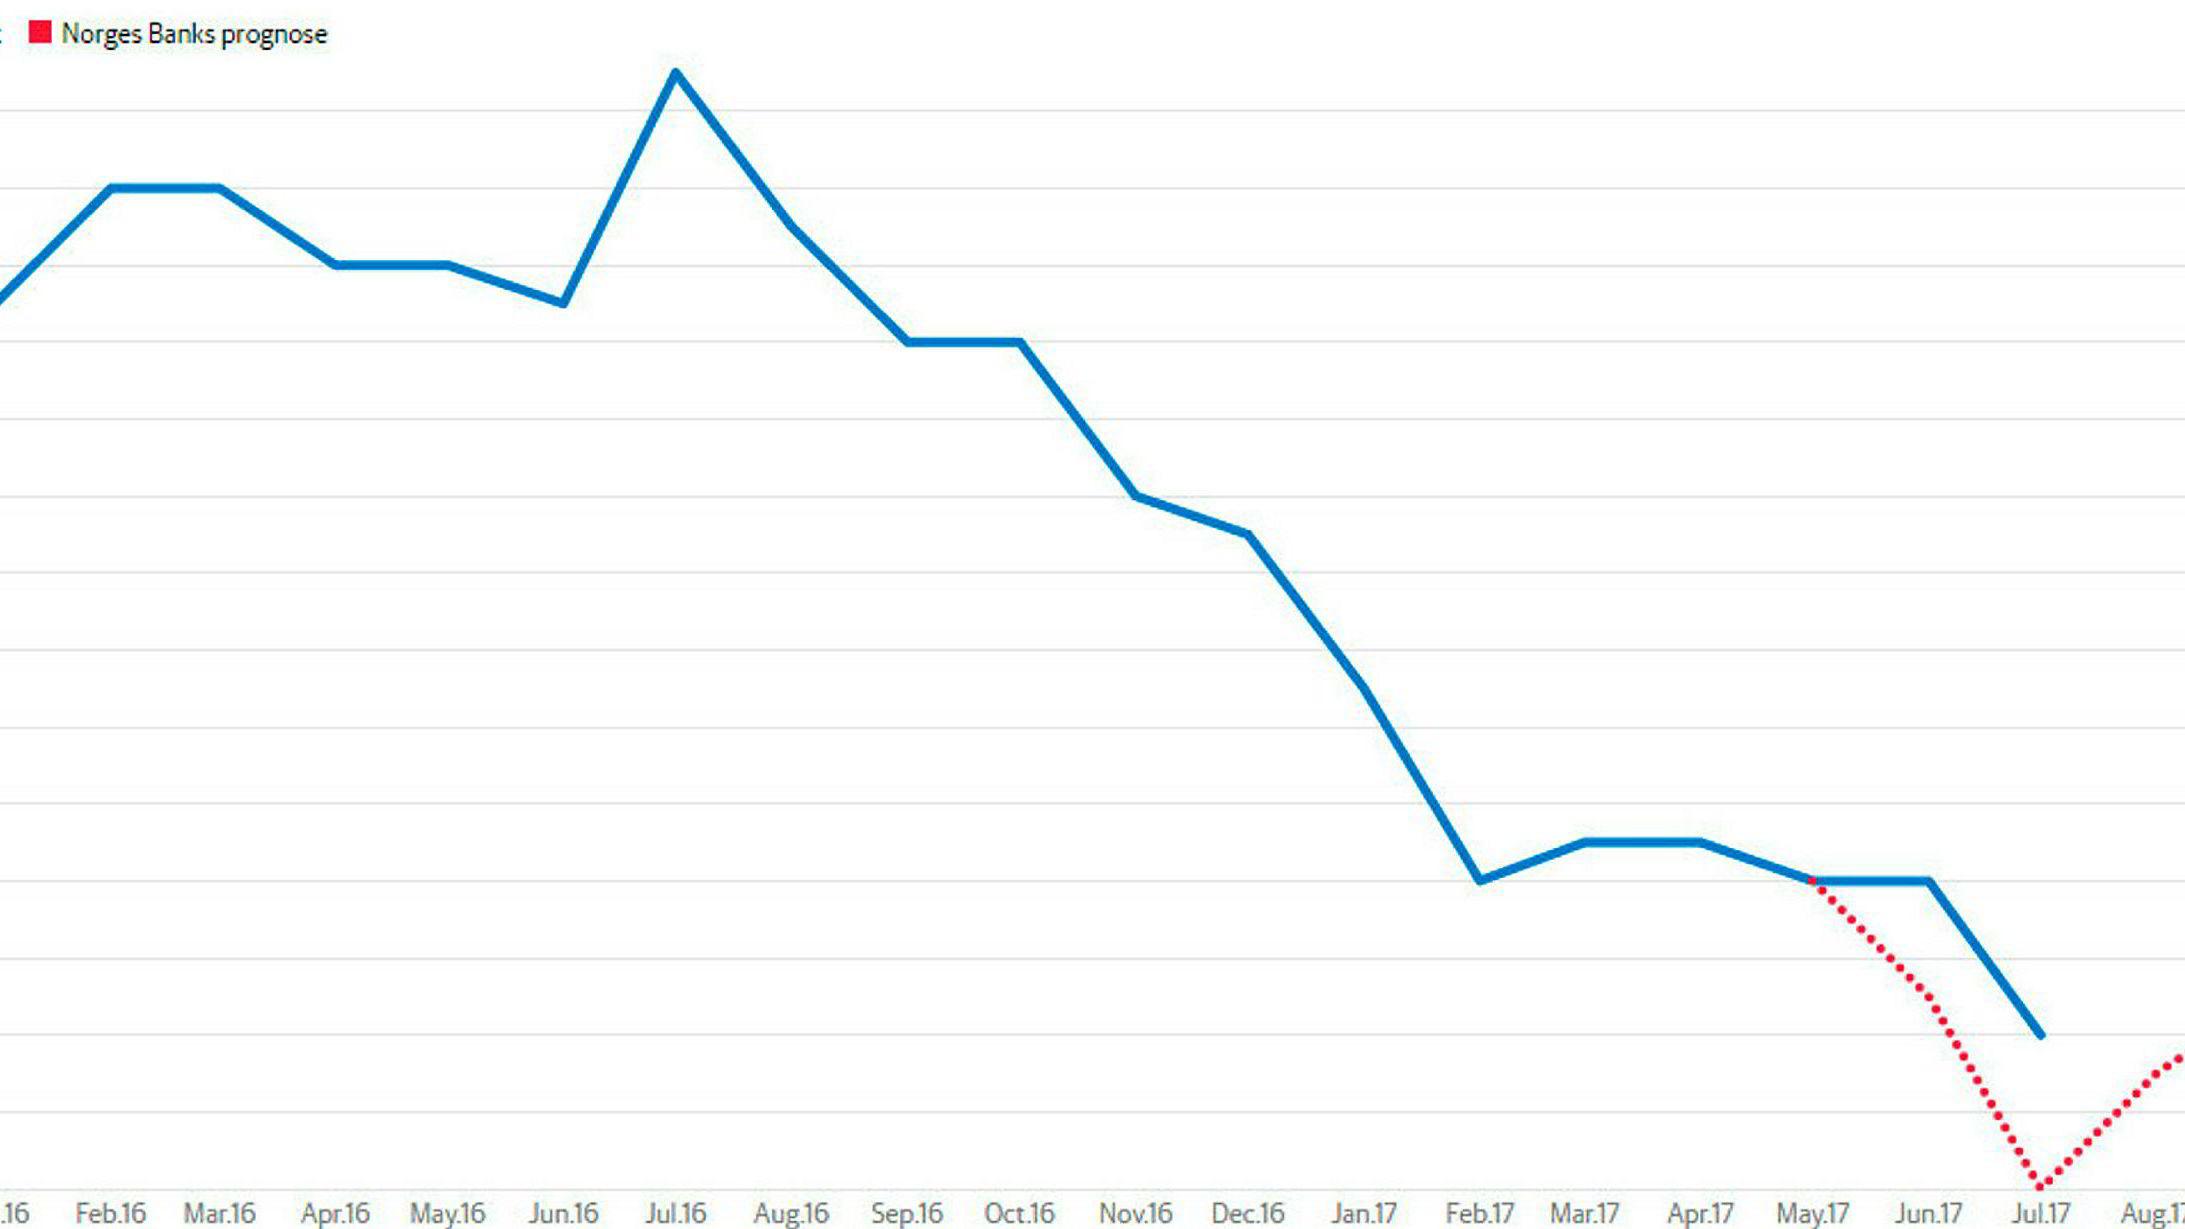 Gapet mellom Norges Banks anslag og utviklingen i kjerneinflasjonen har økt gjennom sommeren. Isolert sett er det et argument for høyere rente.